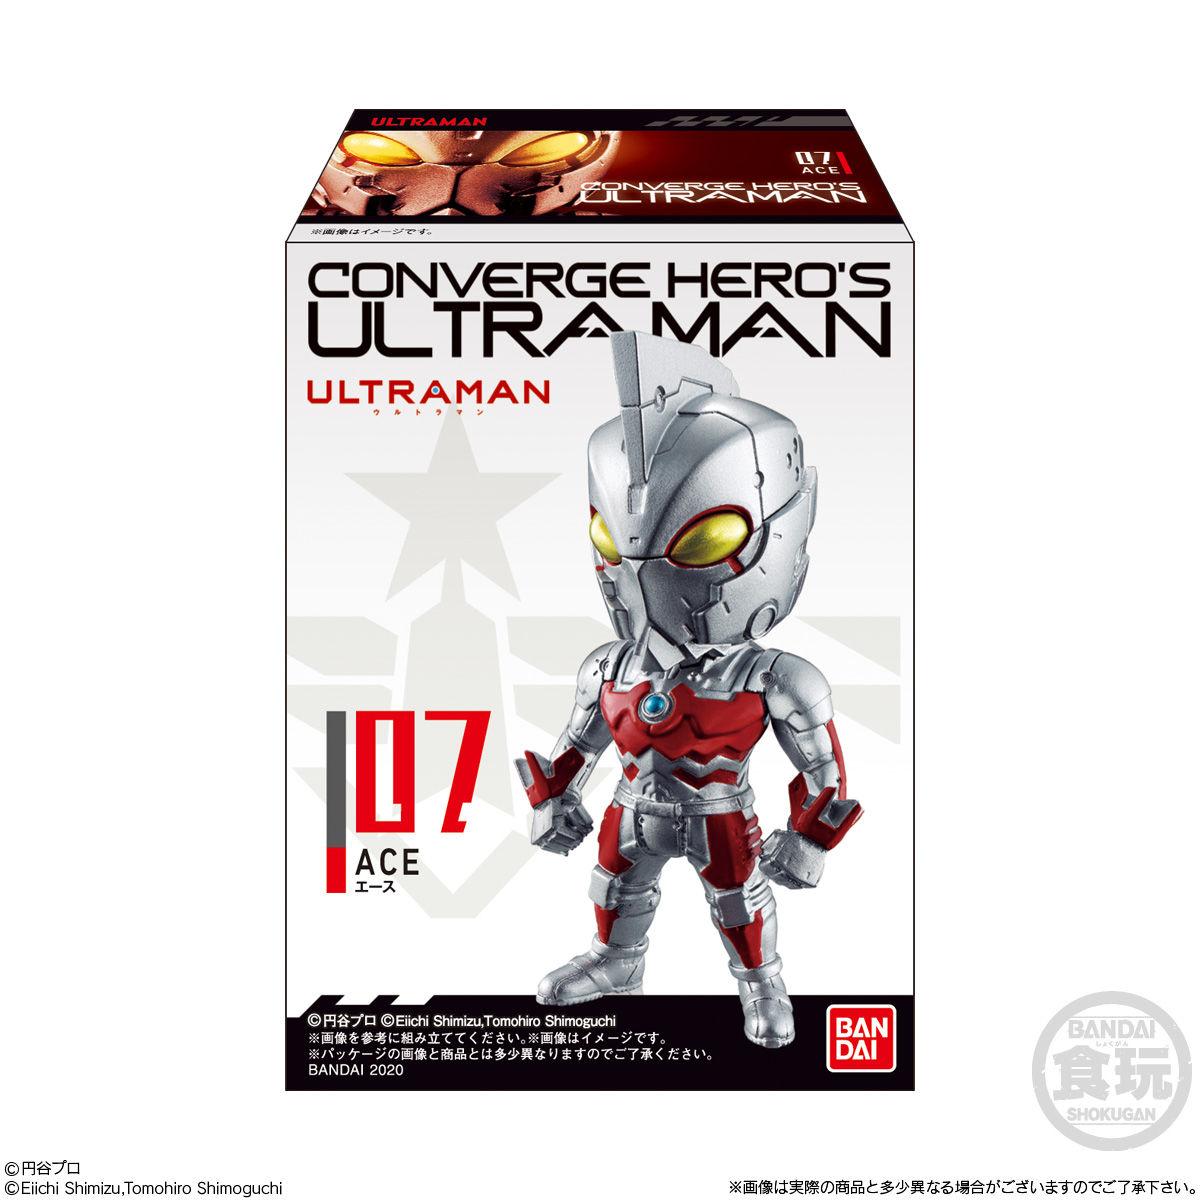 CONVERGE HERO'S ULTRAMAN 02_7